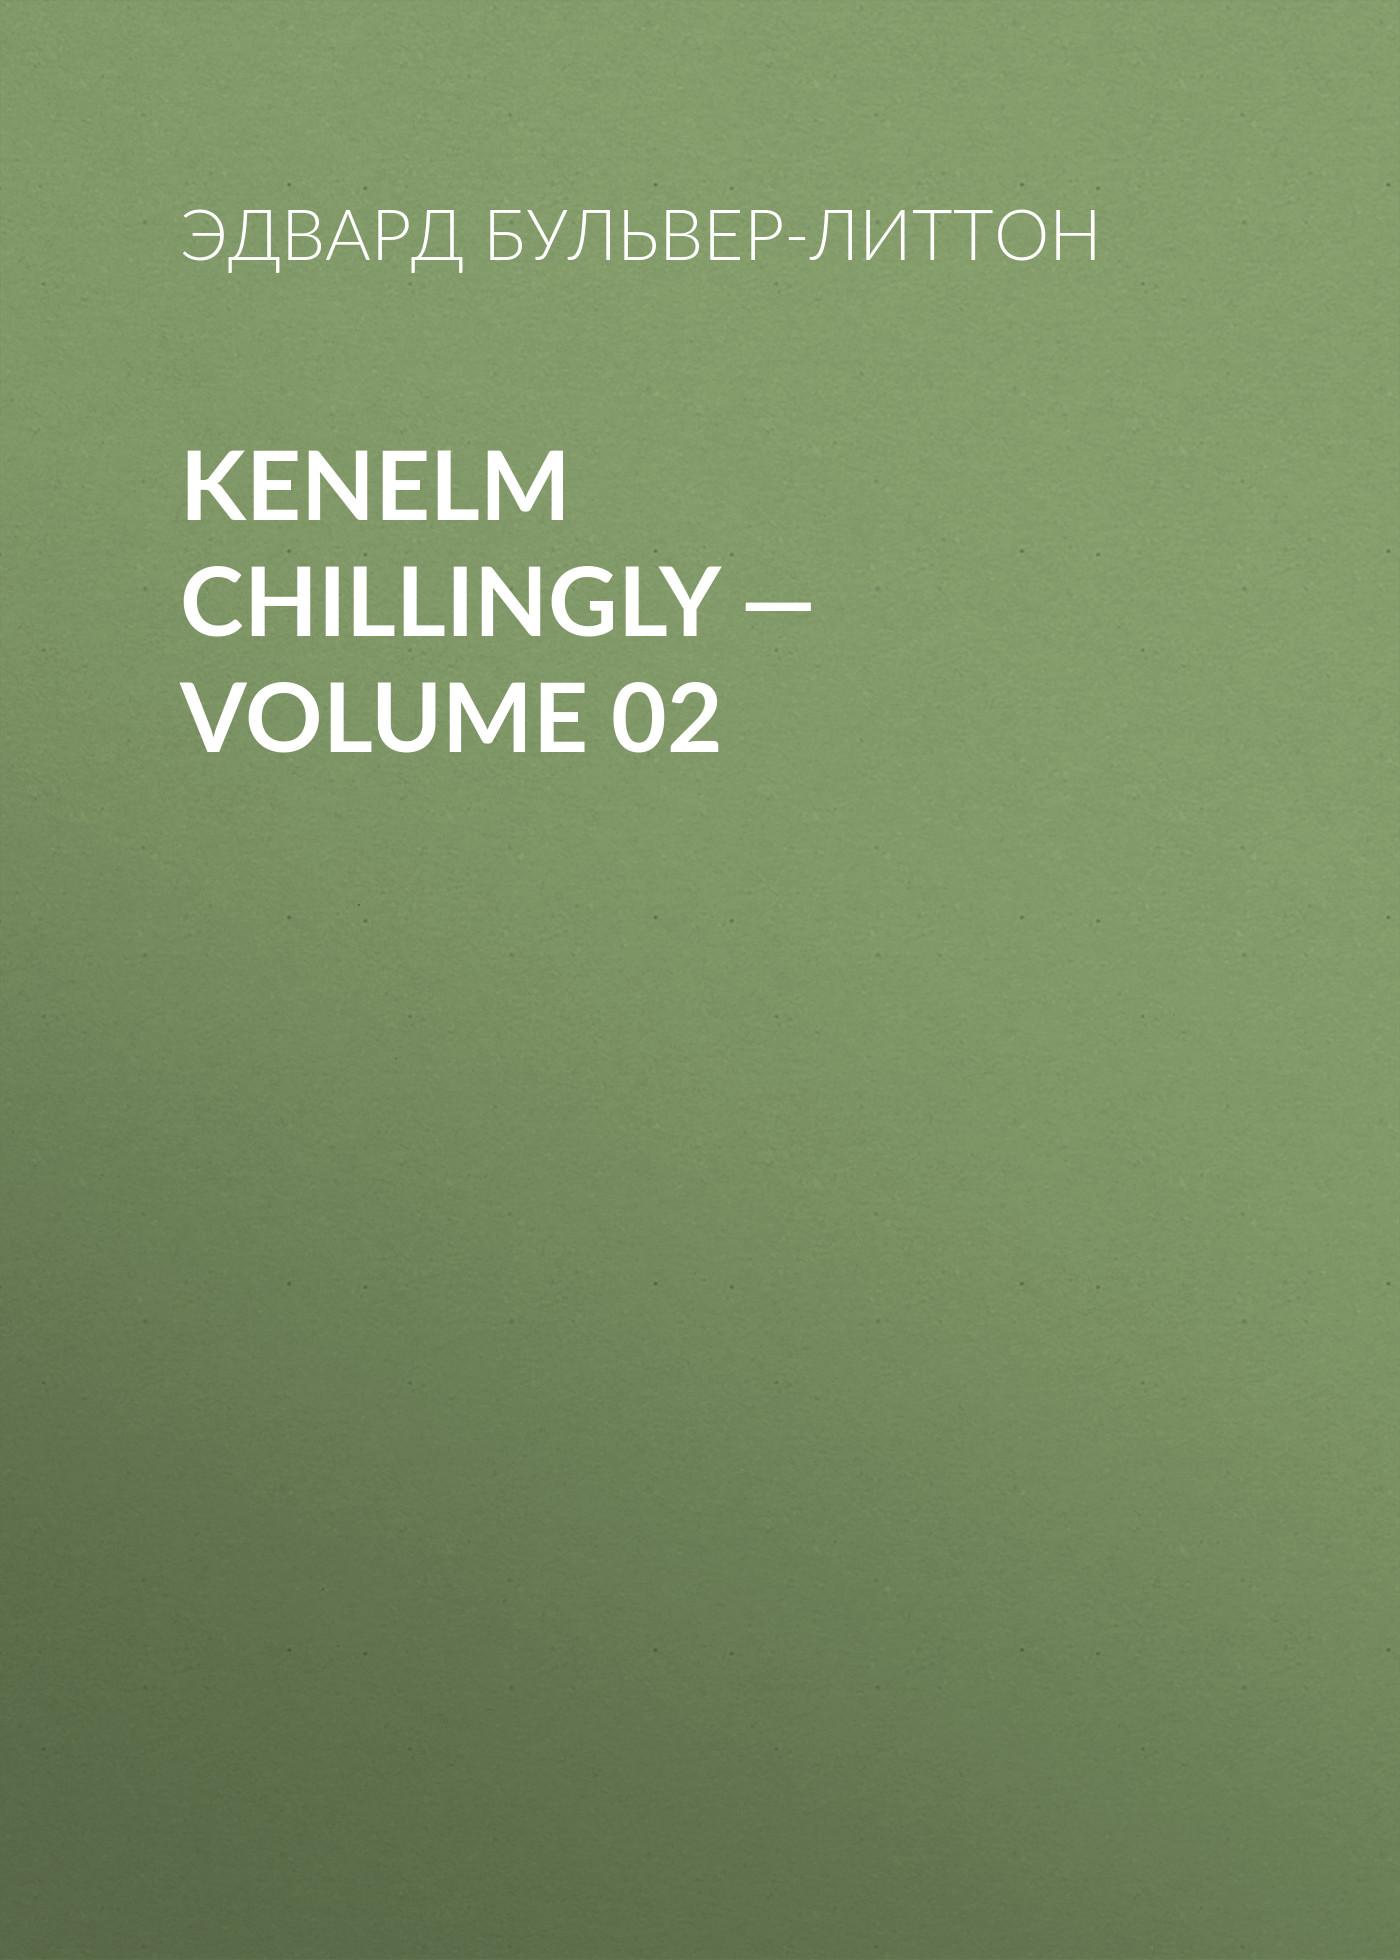 Эдвард Бульвер-Литтон Kenelm Chillingly — Volume 02 эдвард бульвер литтон ernest maltravers volume 02